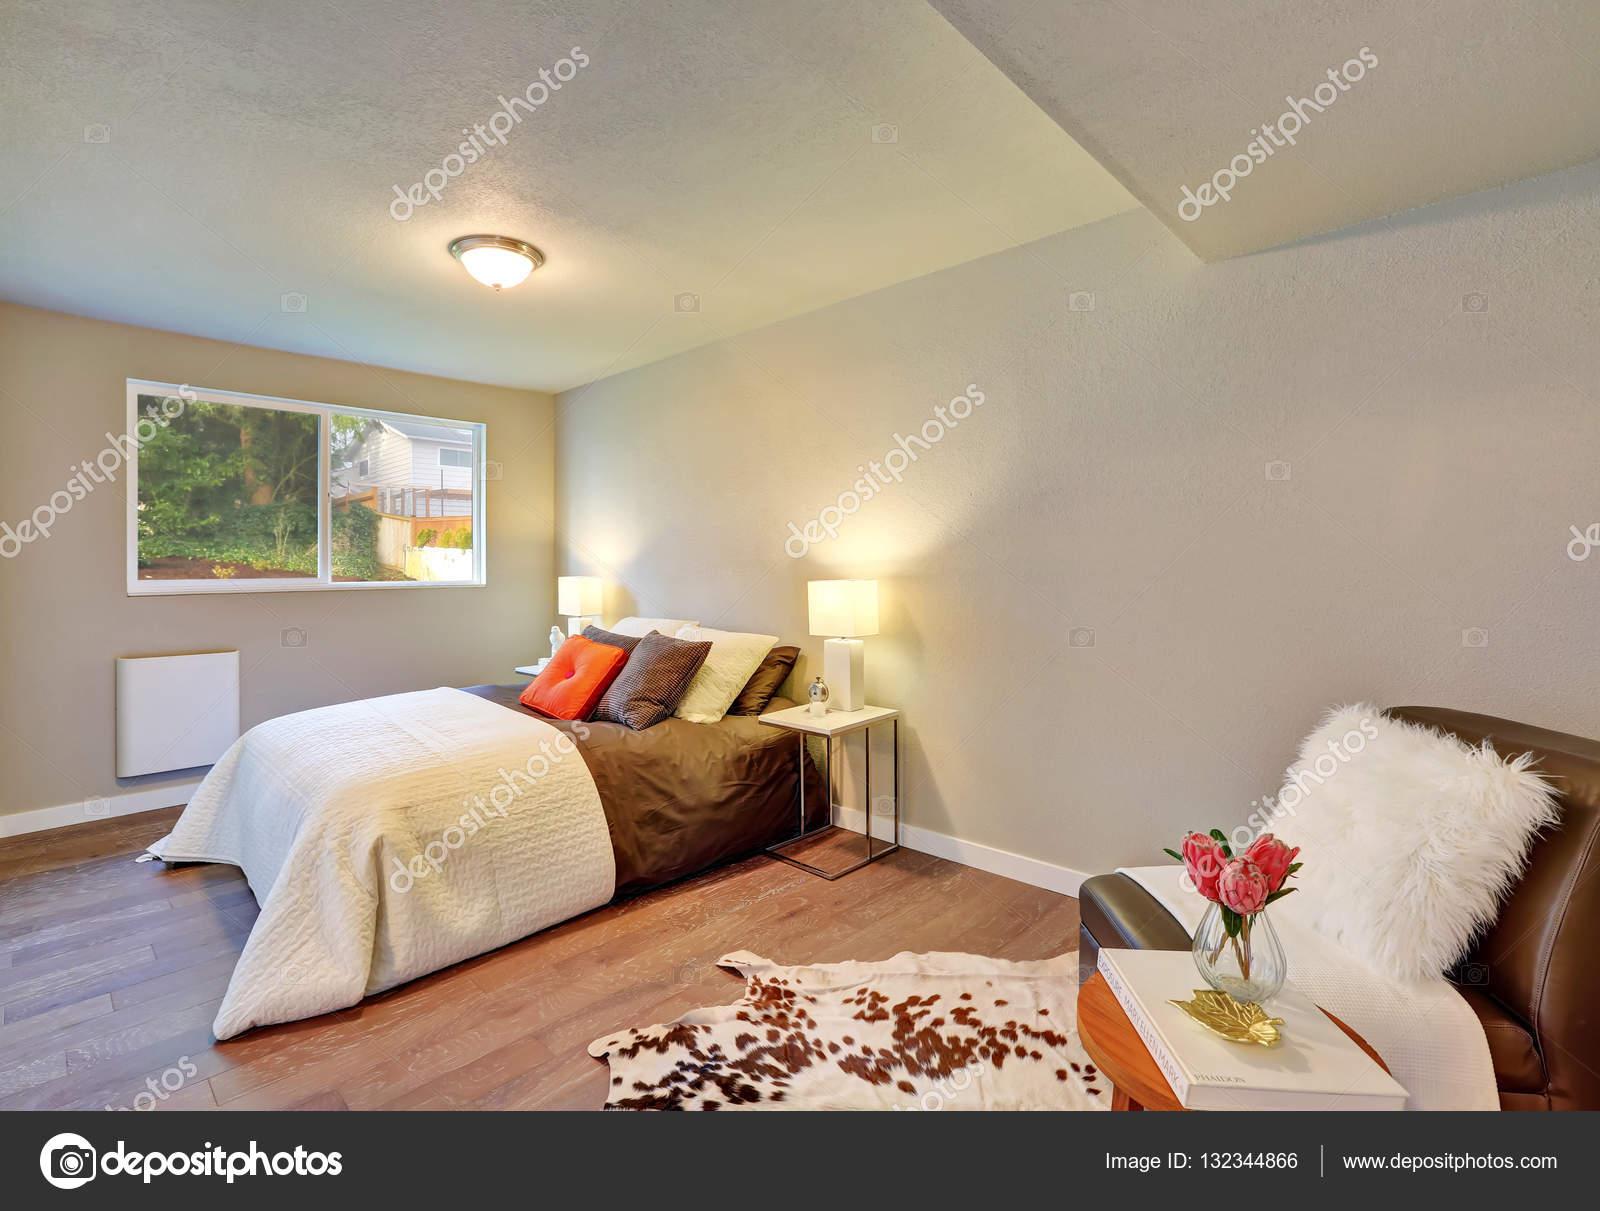 slaapkamer interieur in witte en bruine kleurencombinatie stockfoto